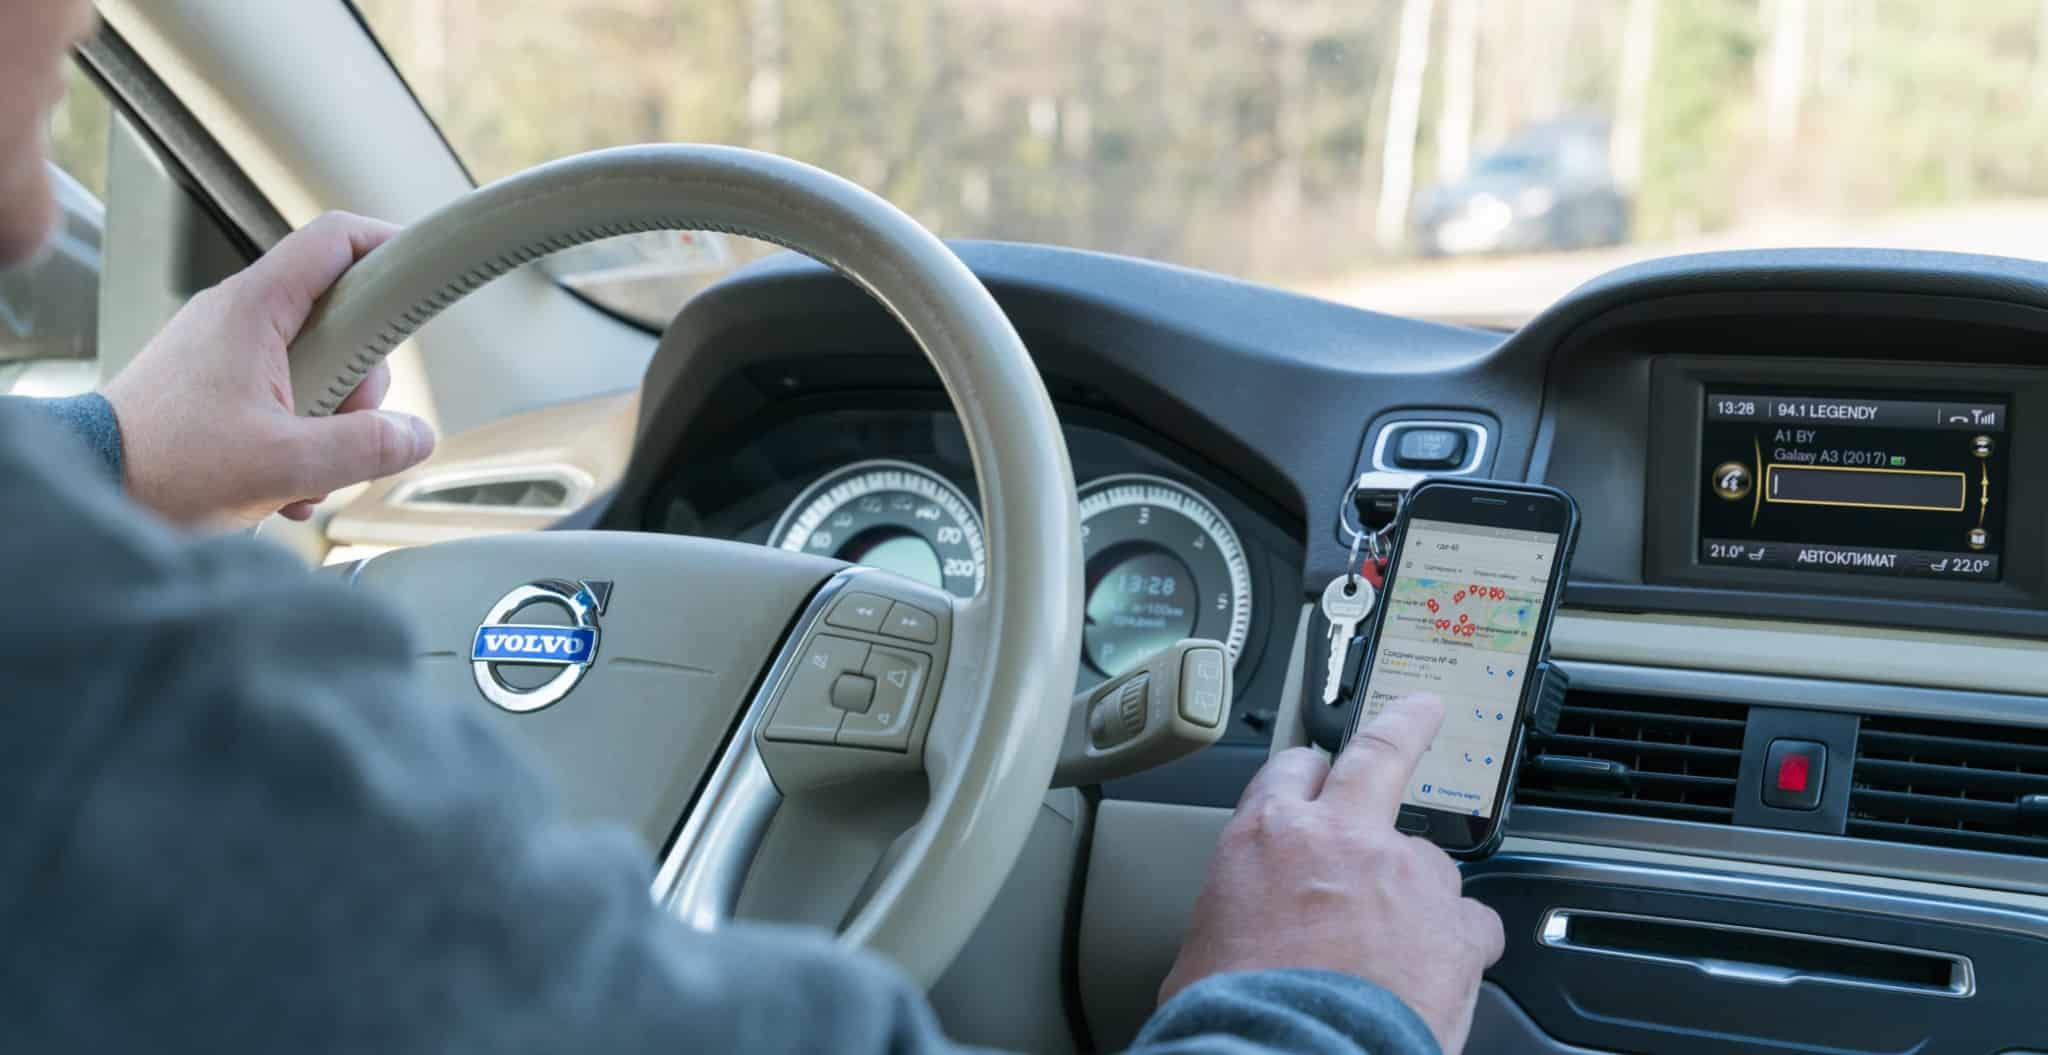 Automobilista a usar o telemovel enquanto conduz